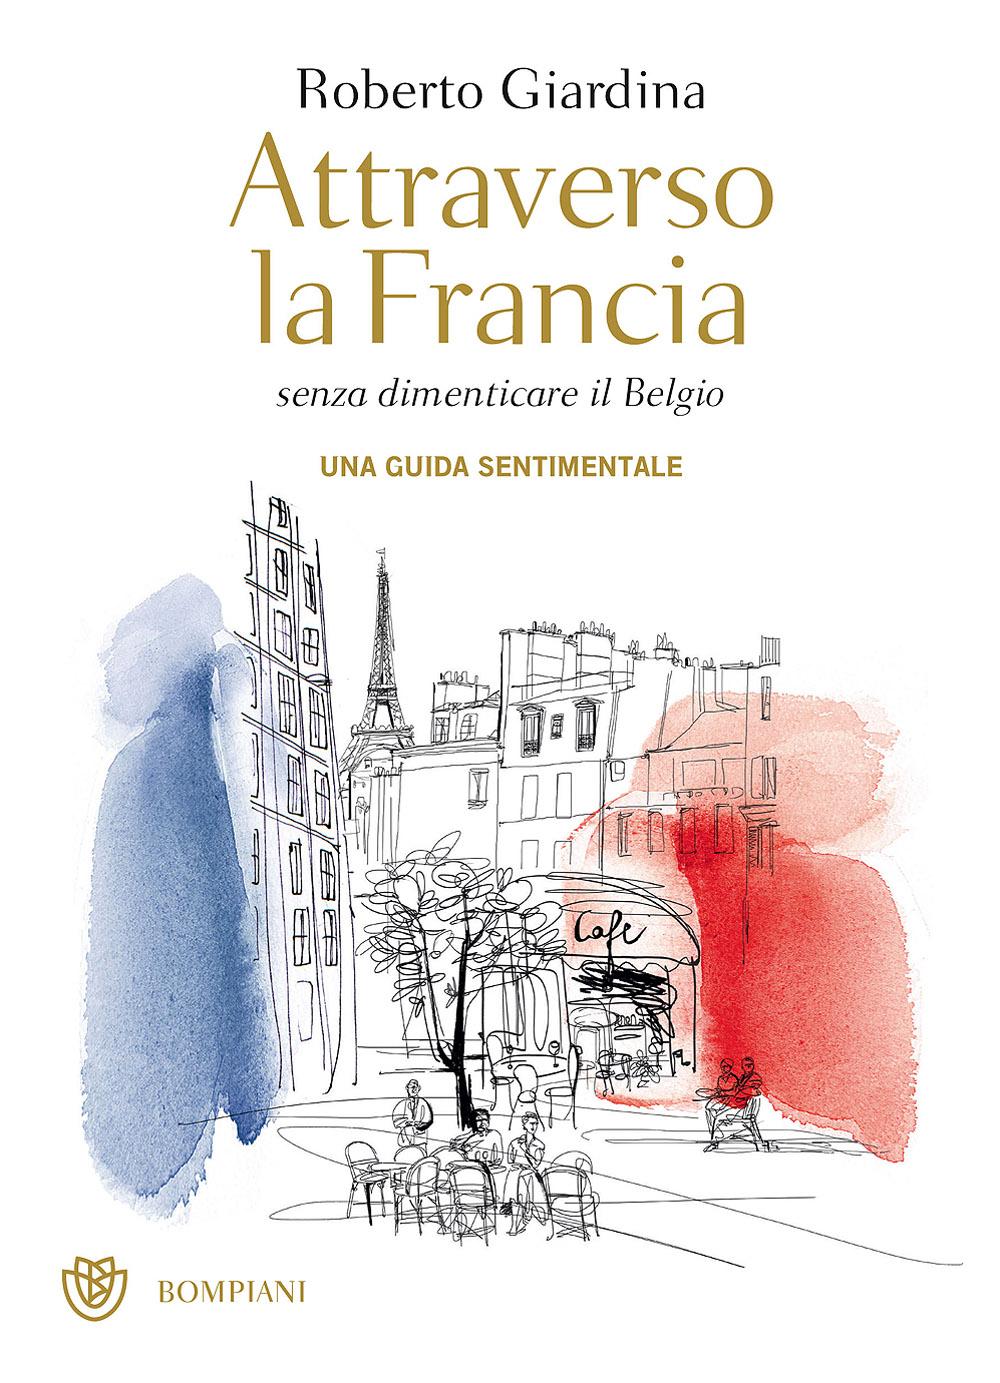 Attraverso la Francia senza dimenticare il Belgio